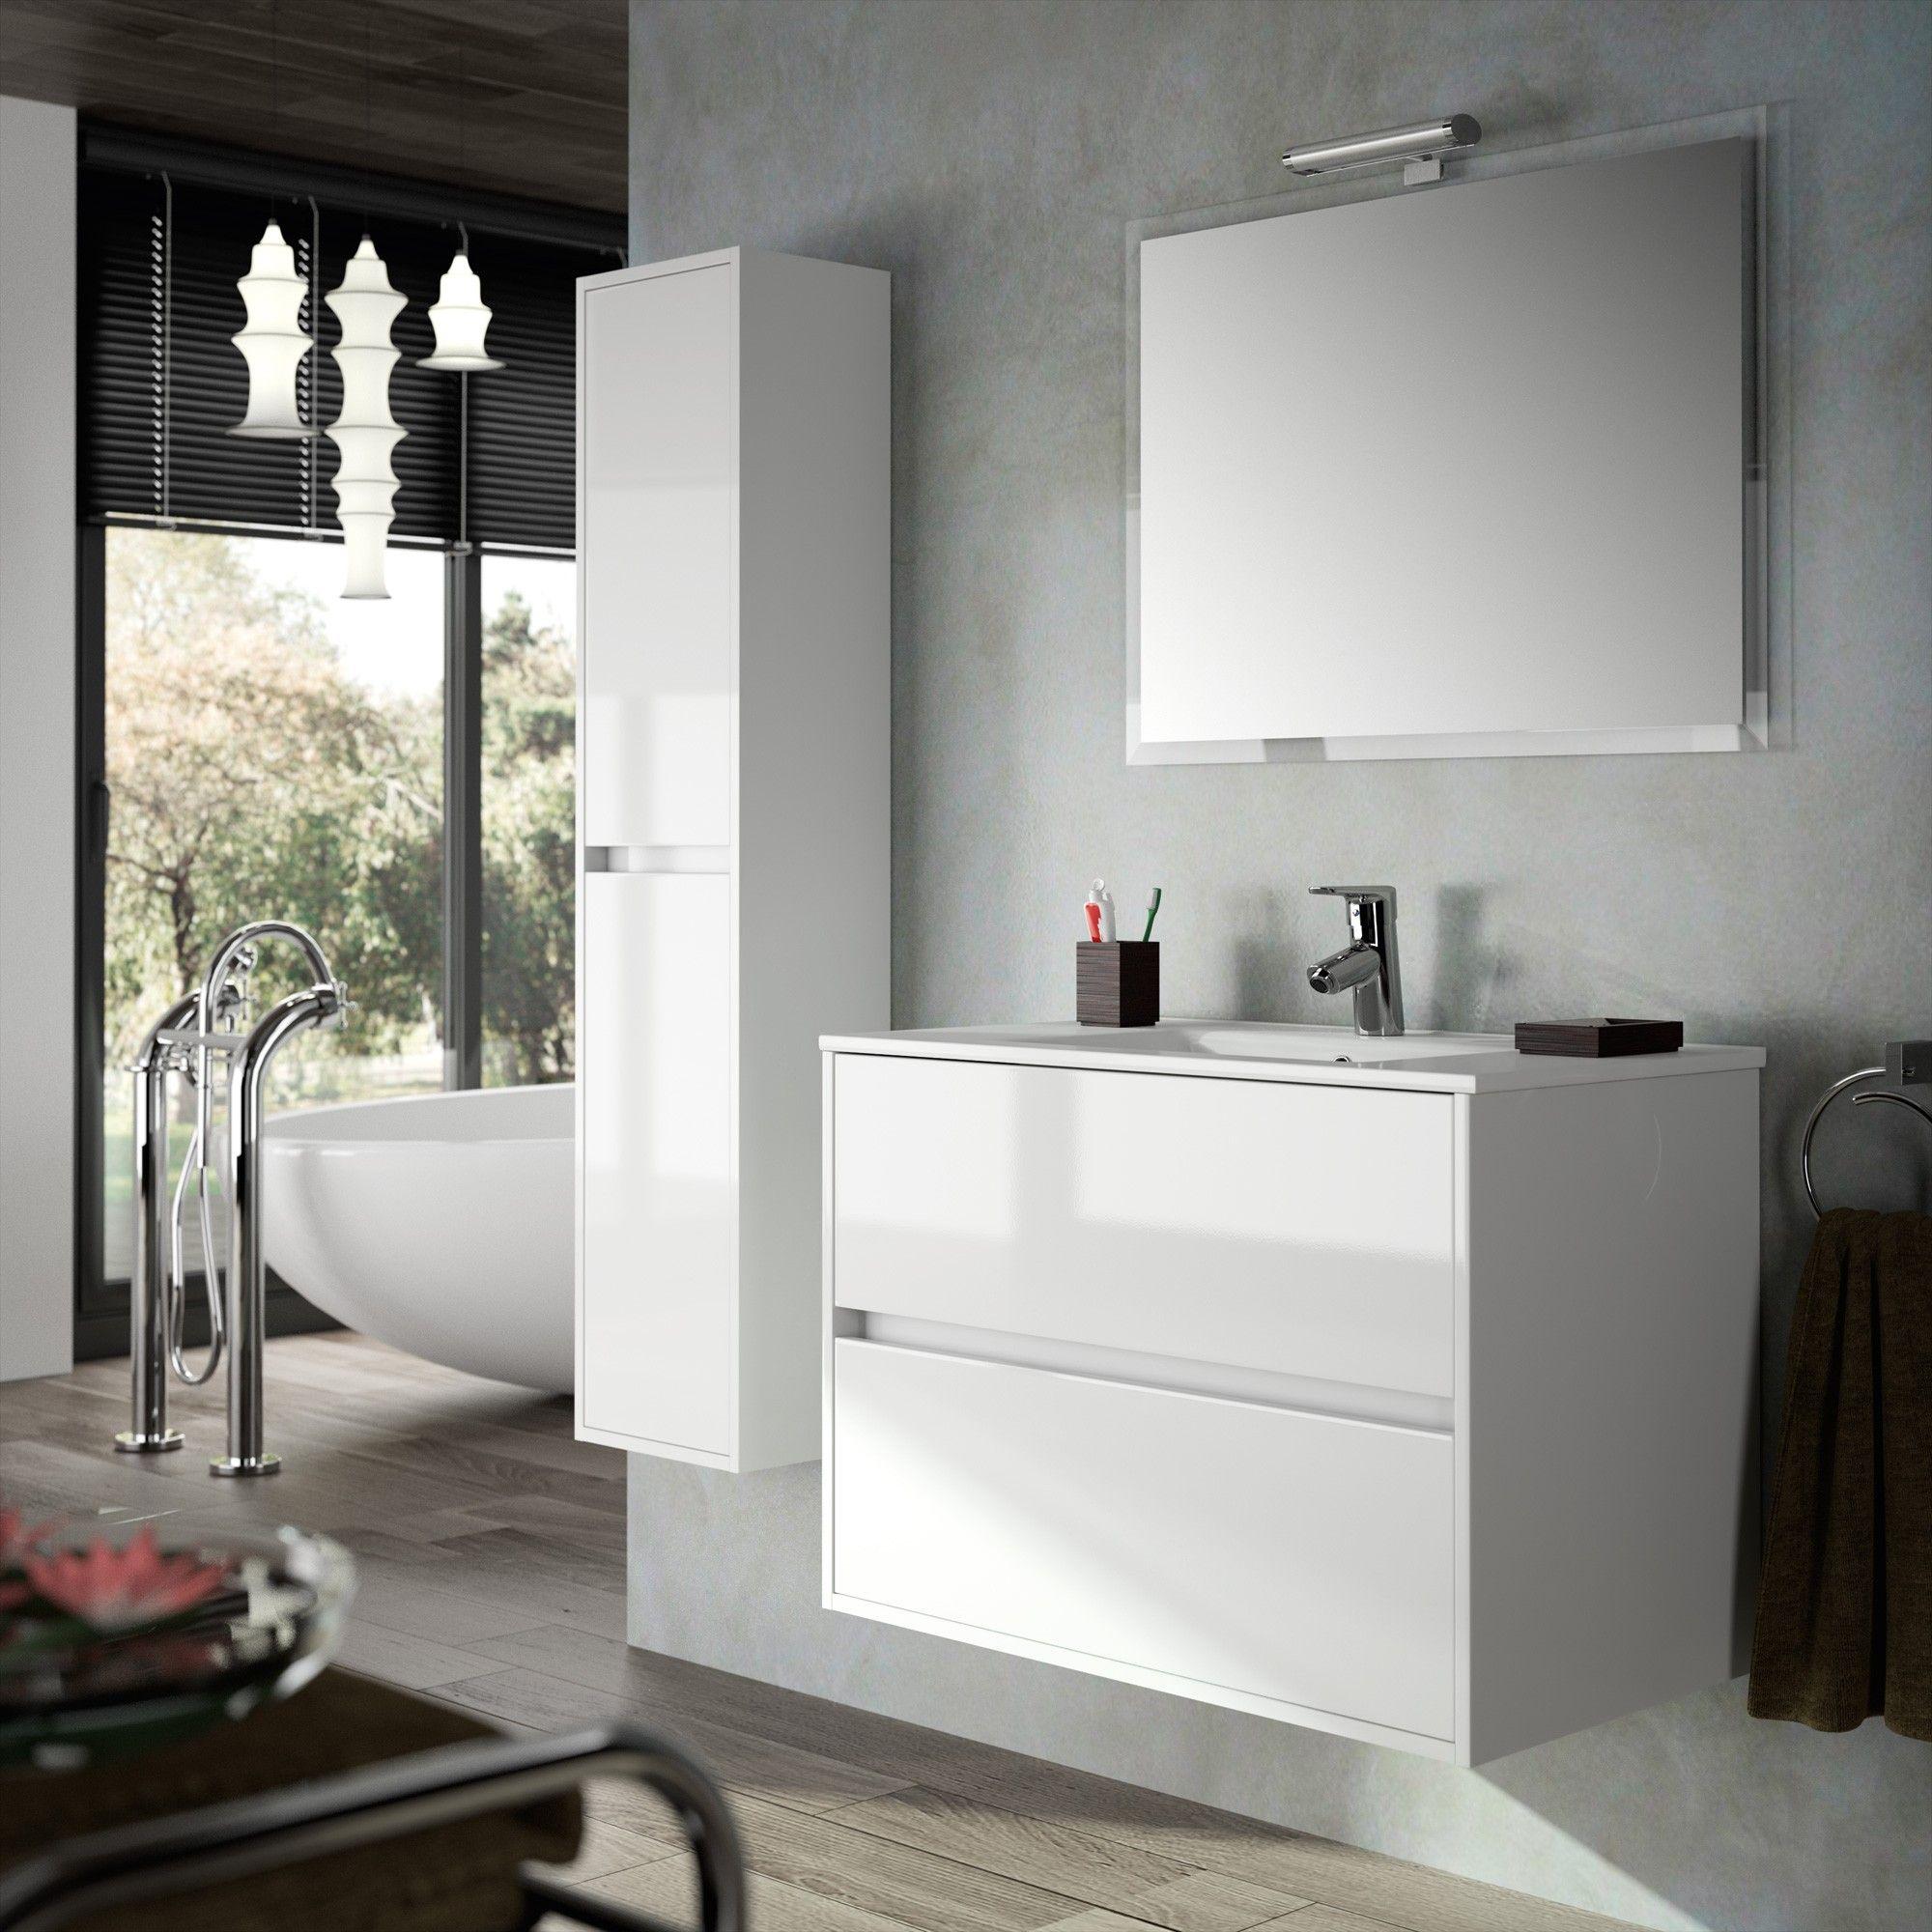 Ensemble meuble noja 1200 fond 45 et 2 tiroirs avec frein for Ensemble meuble vasque